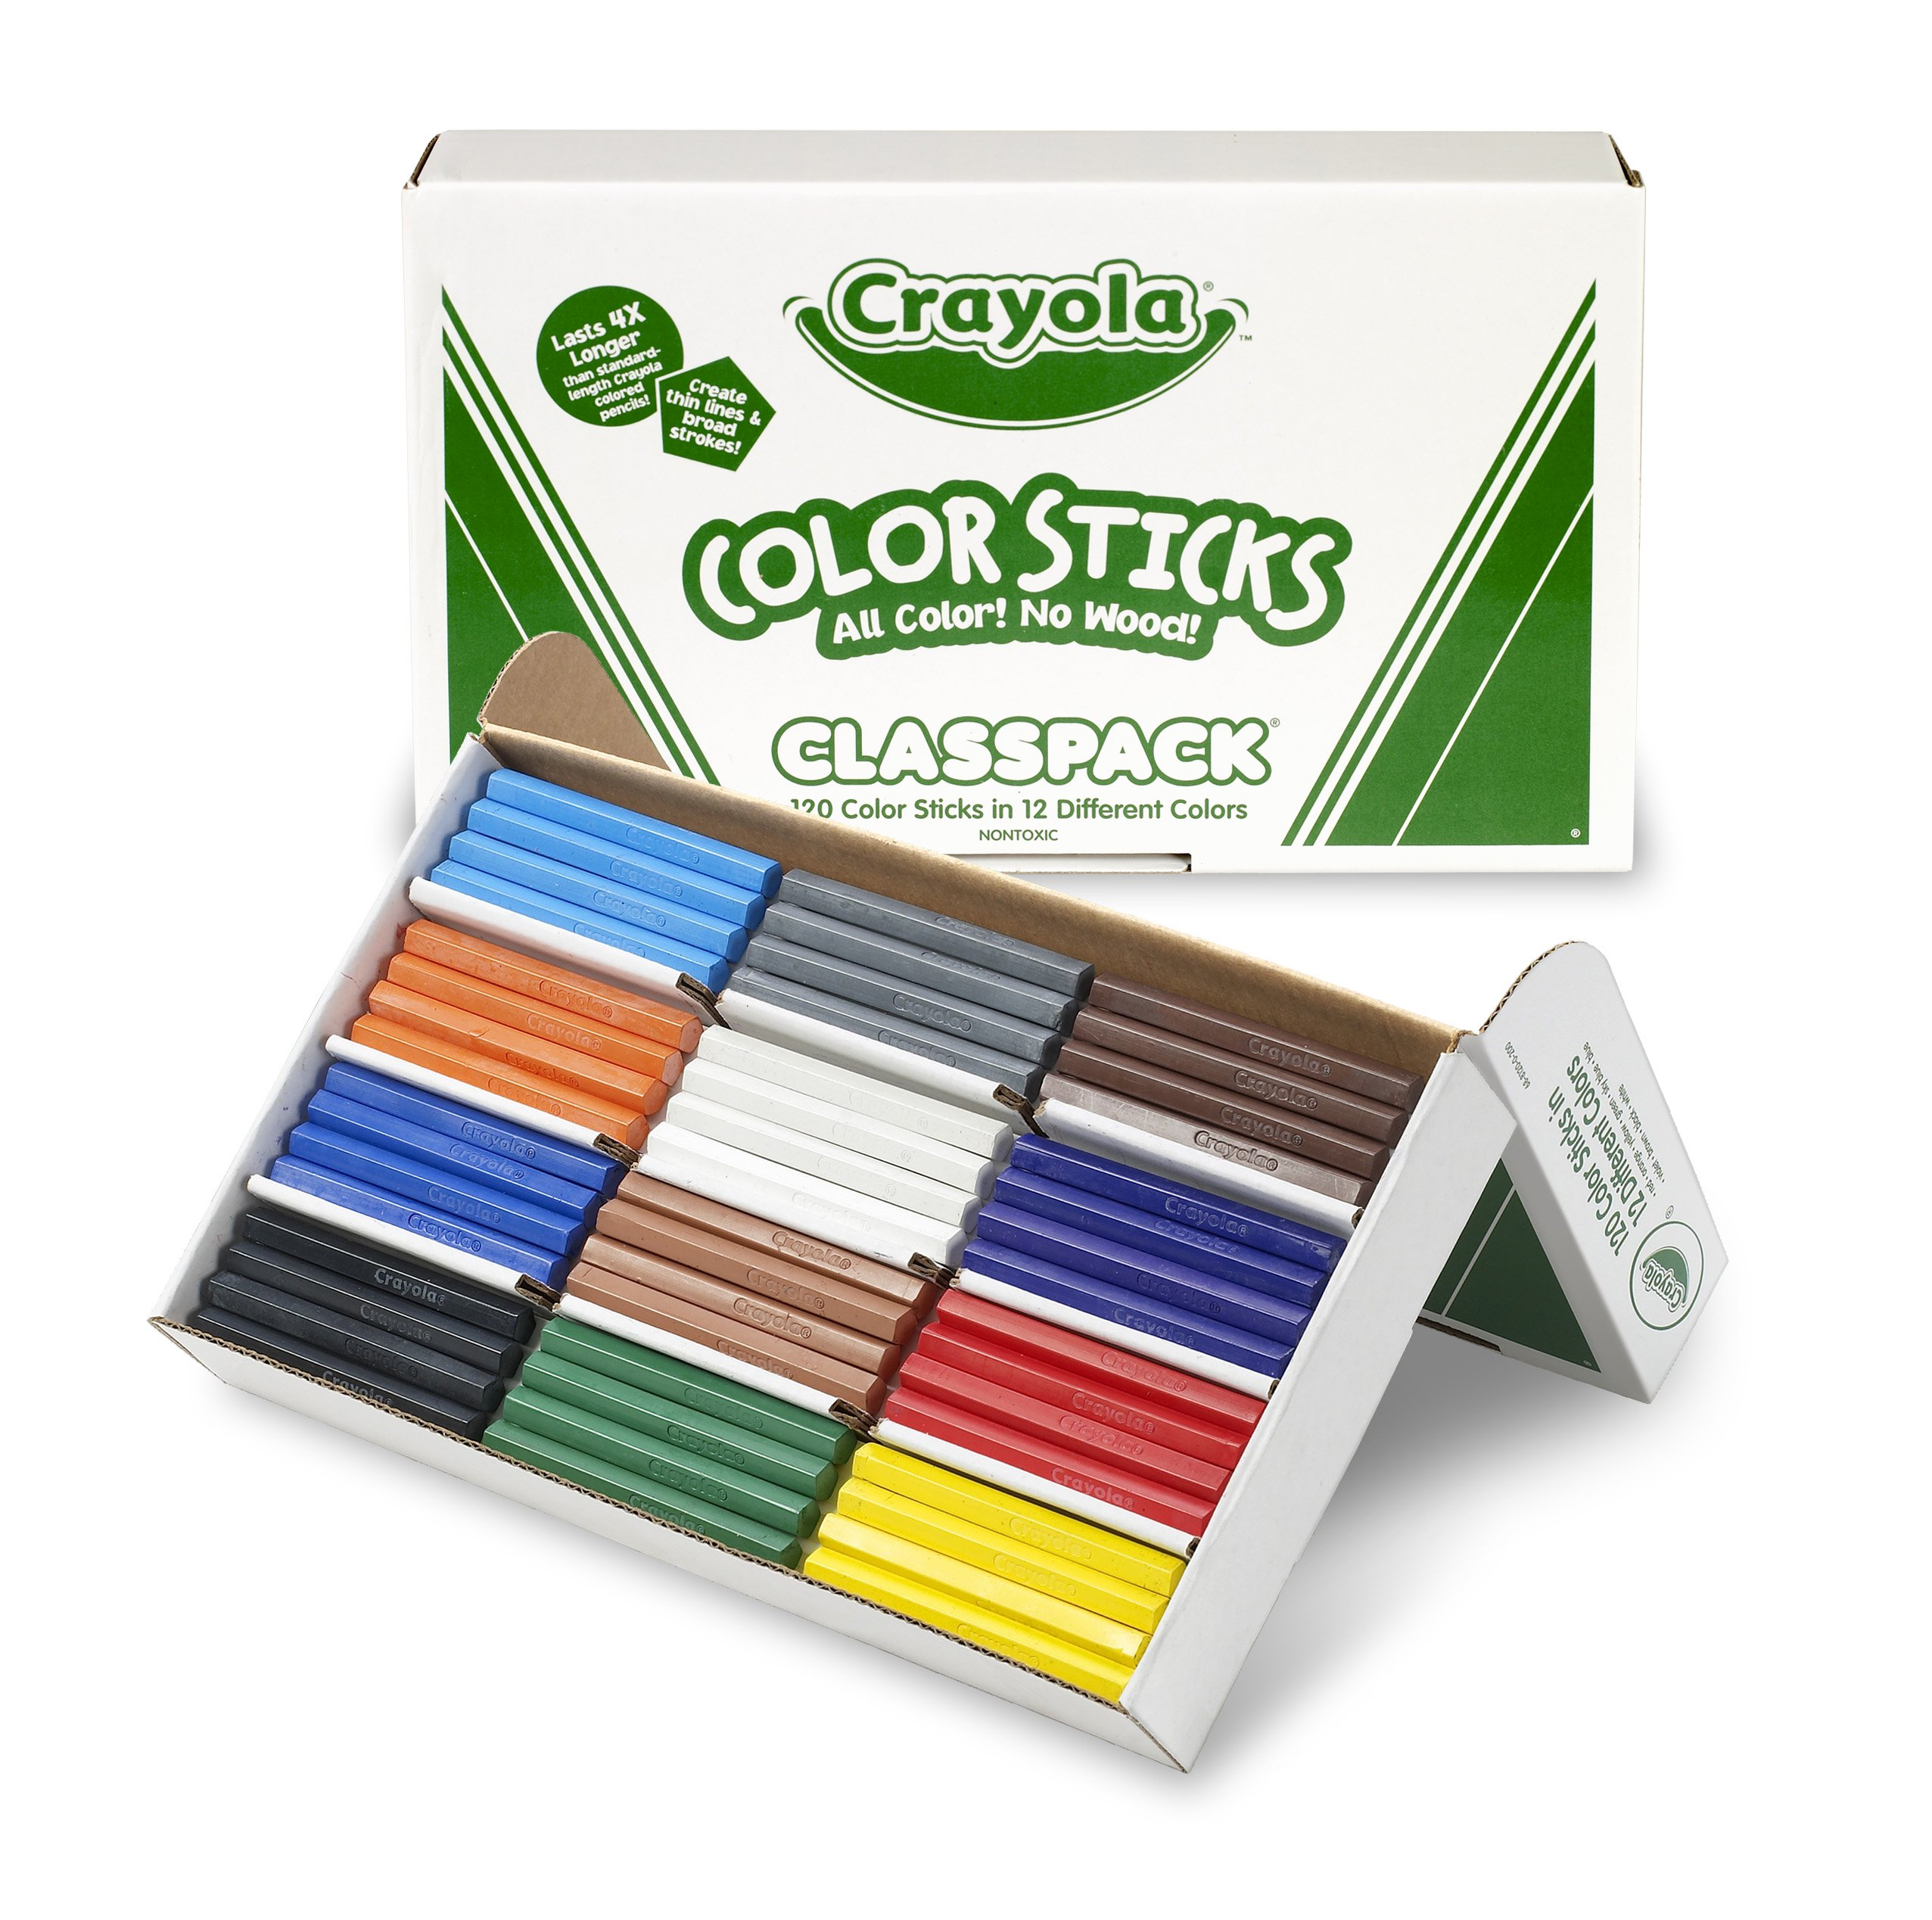 Lápices de colores Crayola sin madera a granel, paquete de 120 unidades, 12 colores surtidos